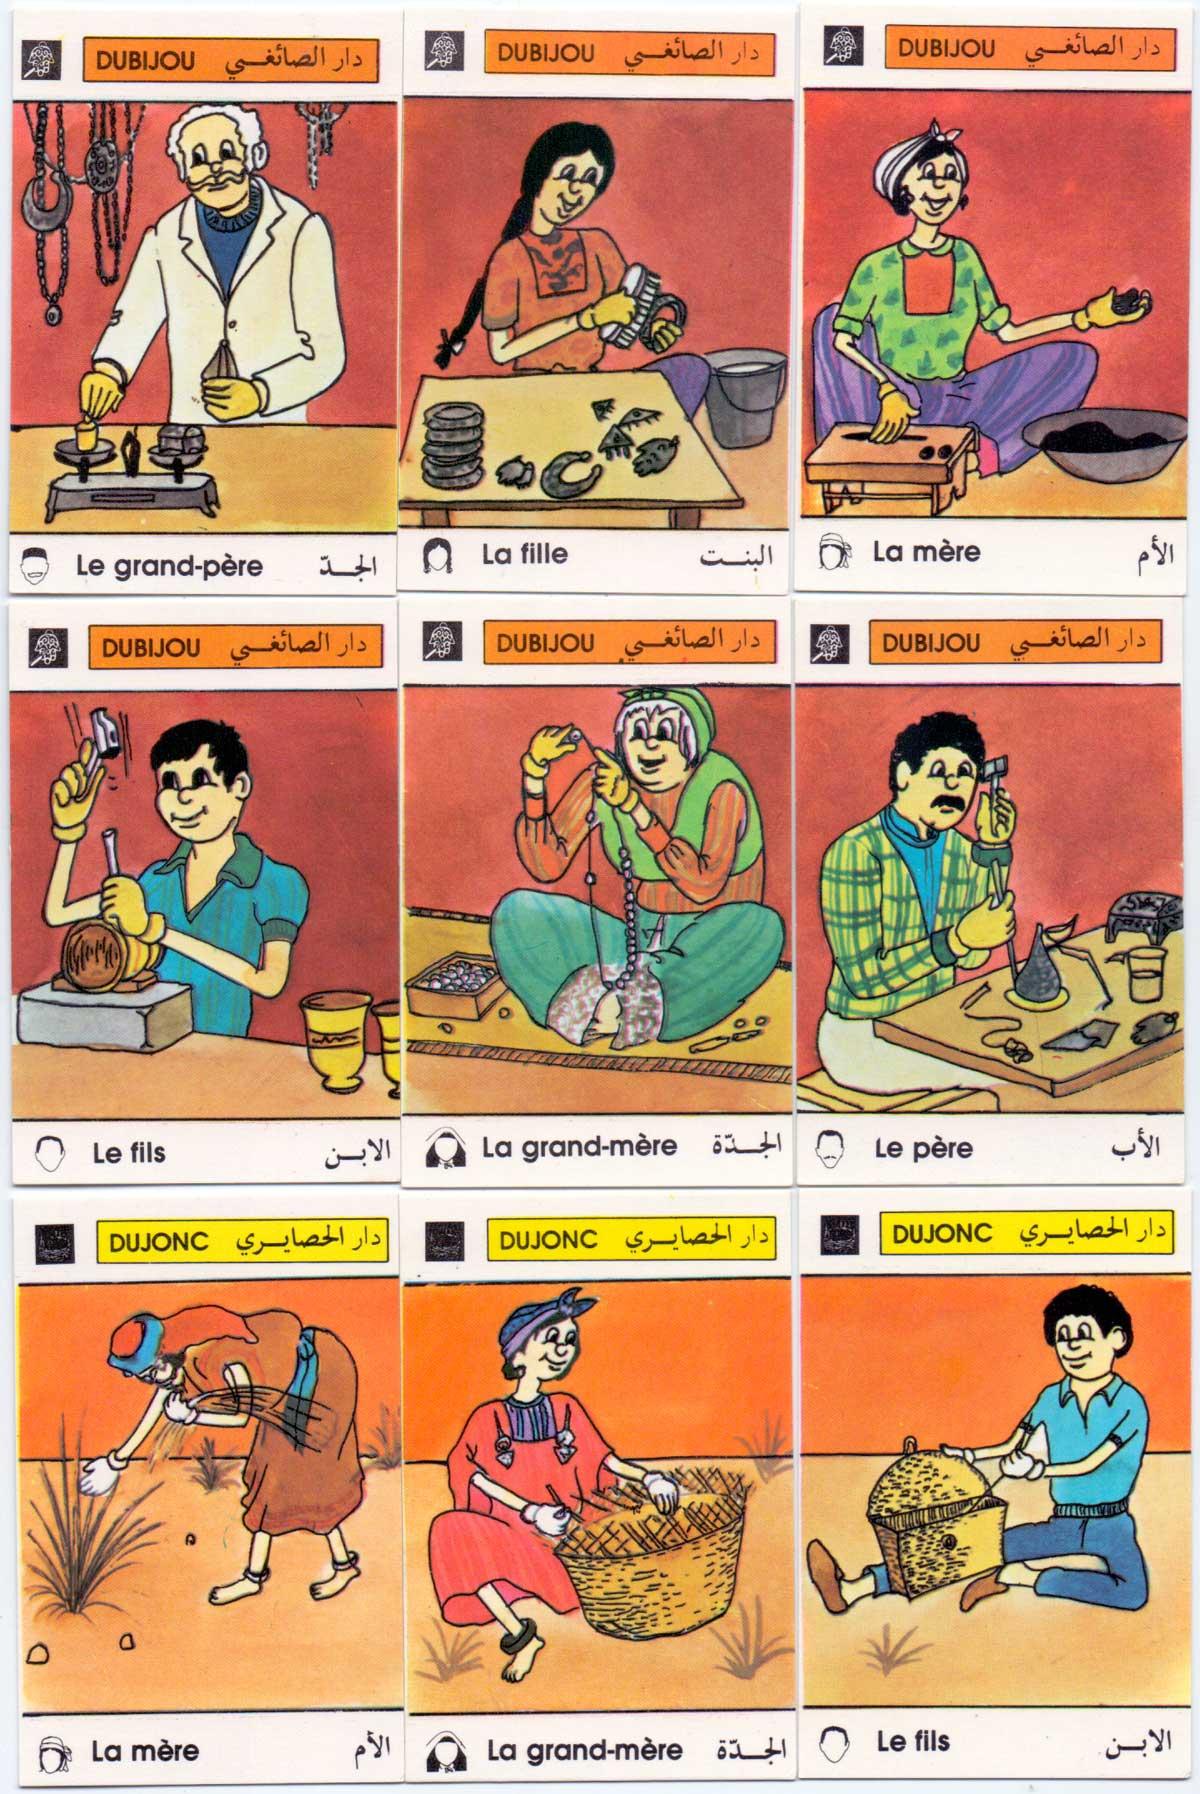 """""""Les Artisans Tunisiens"""" Jeu de Sept Familles published by Éditions de la Mediterranée, Alpha S.A., Tunis"""